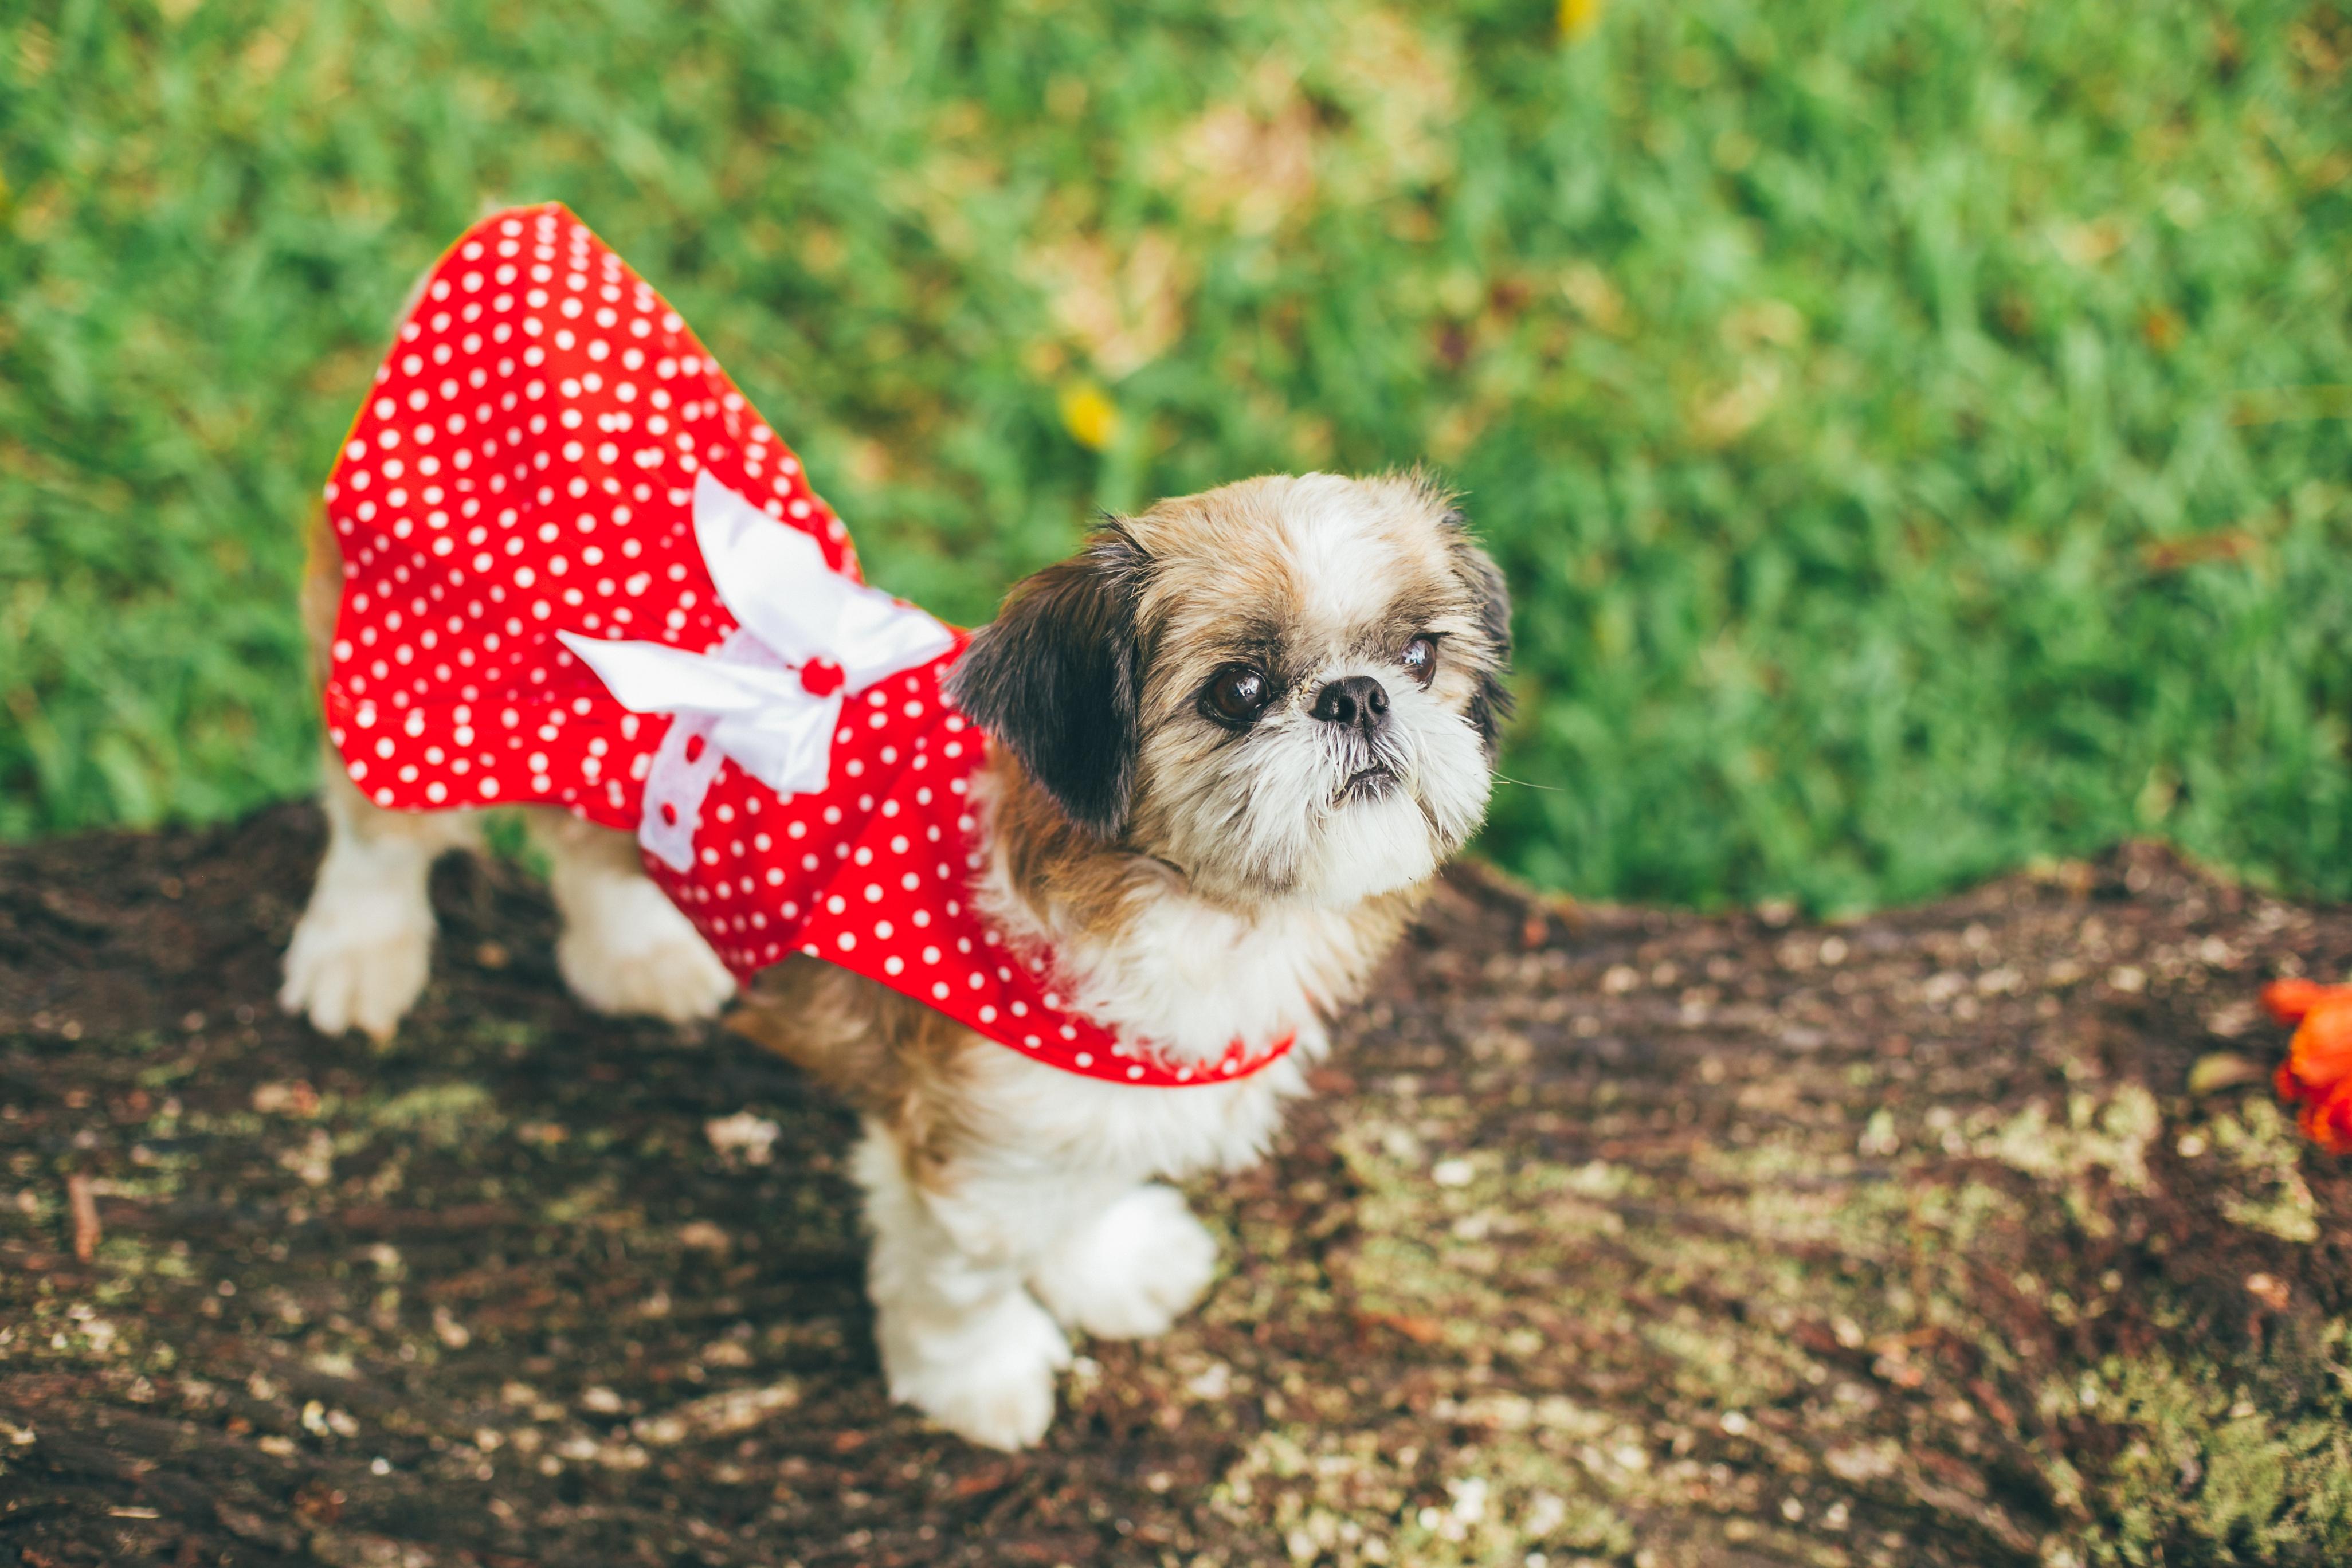 mimos moda pet_ roupas para cachorros_ roupas para crianças e cachorro iguais (10)